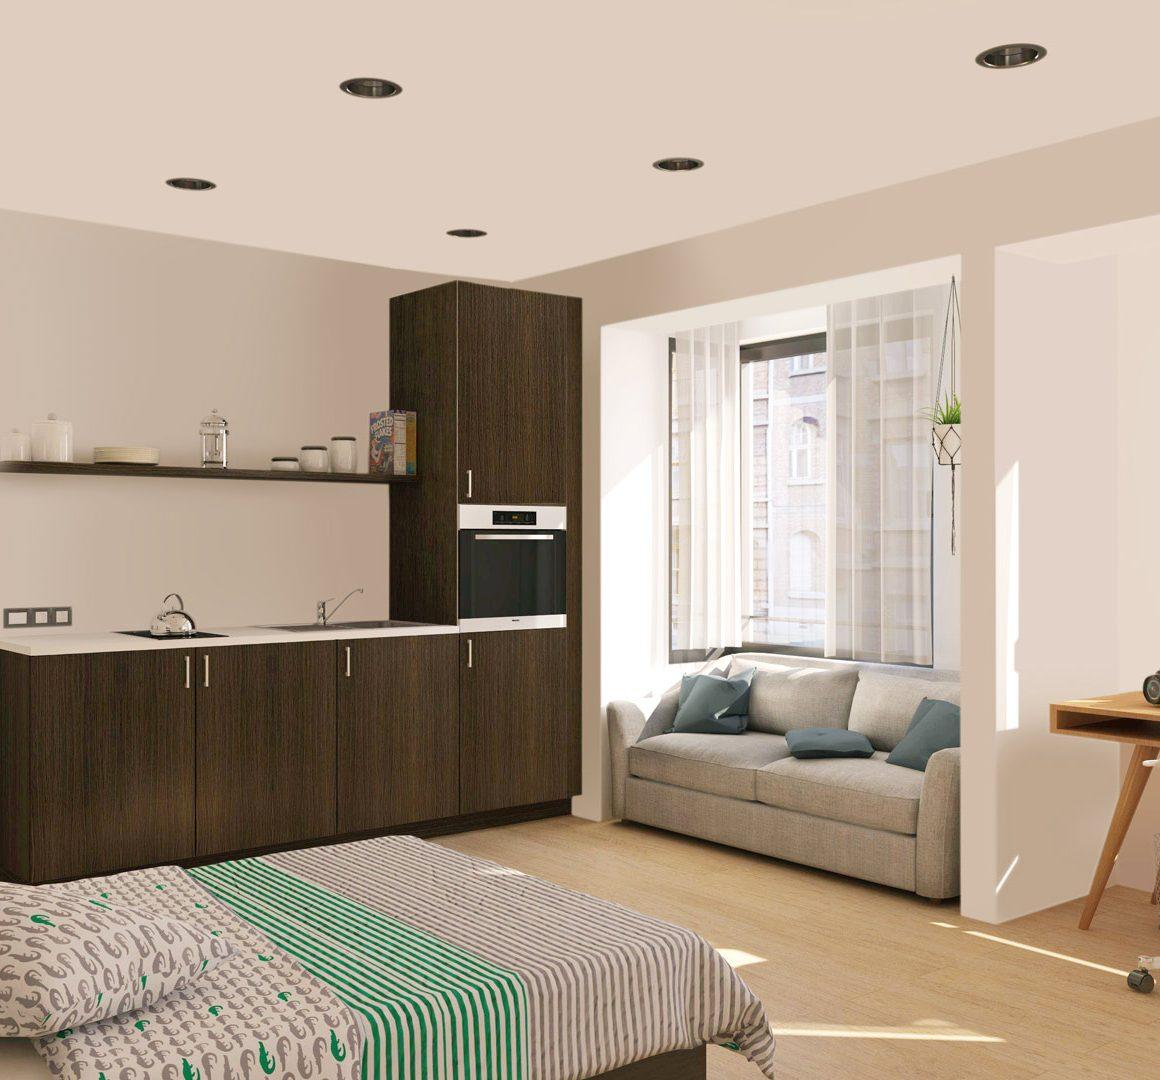 syus-residentie-lambertus-interieur2-leuven